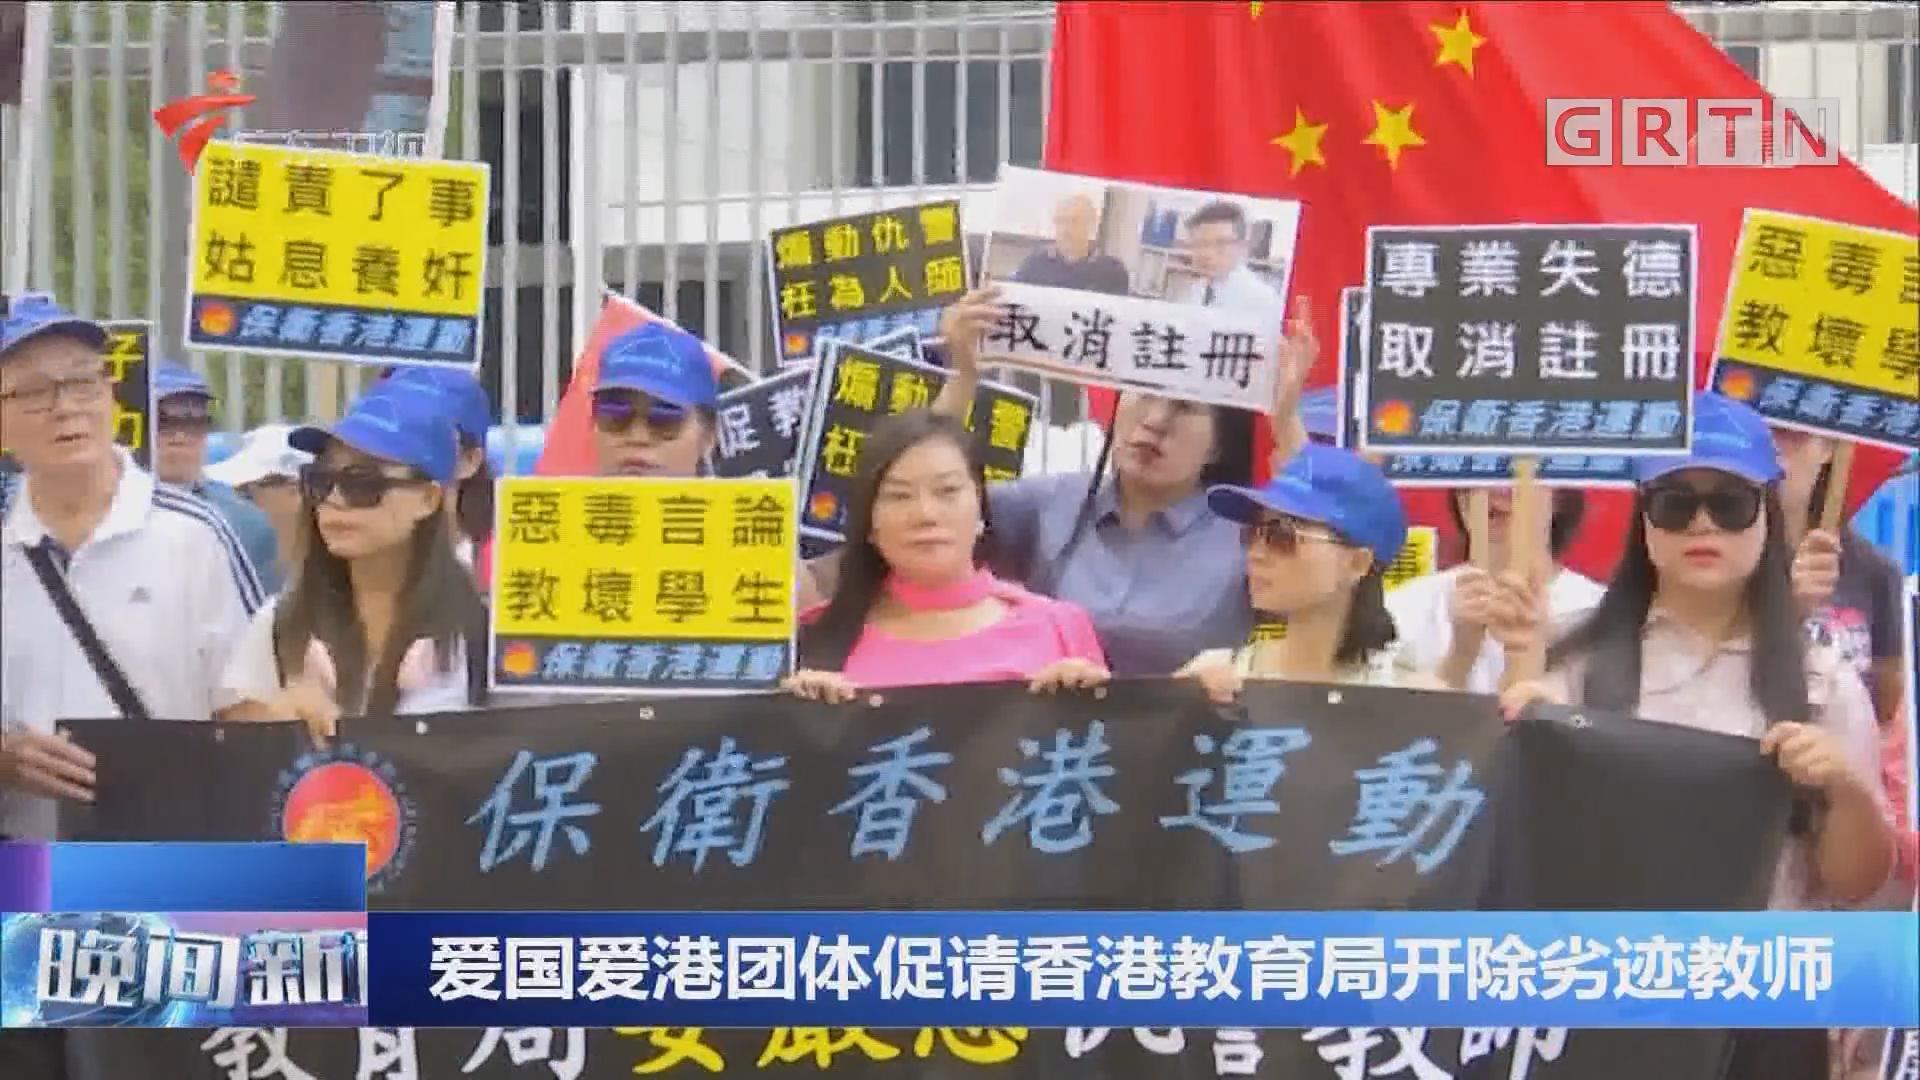 爱国爱港团体促请香港教育局开除劣迹教师